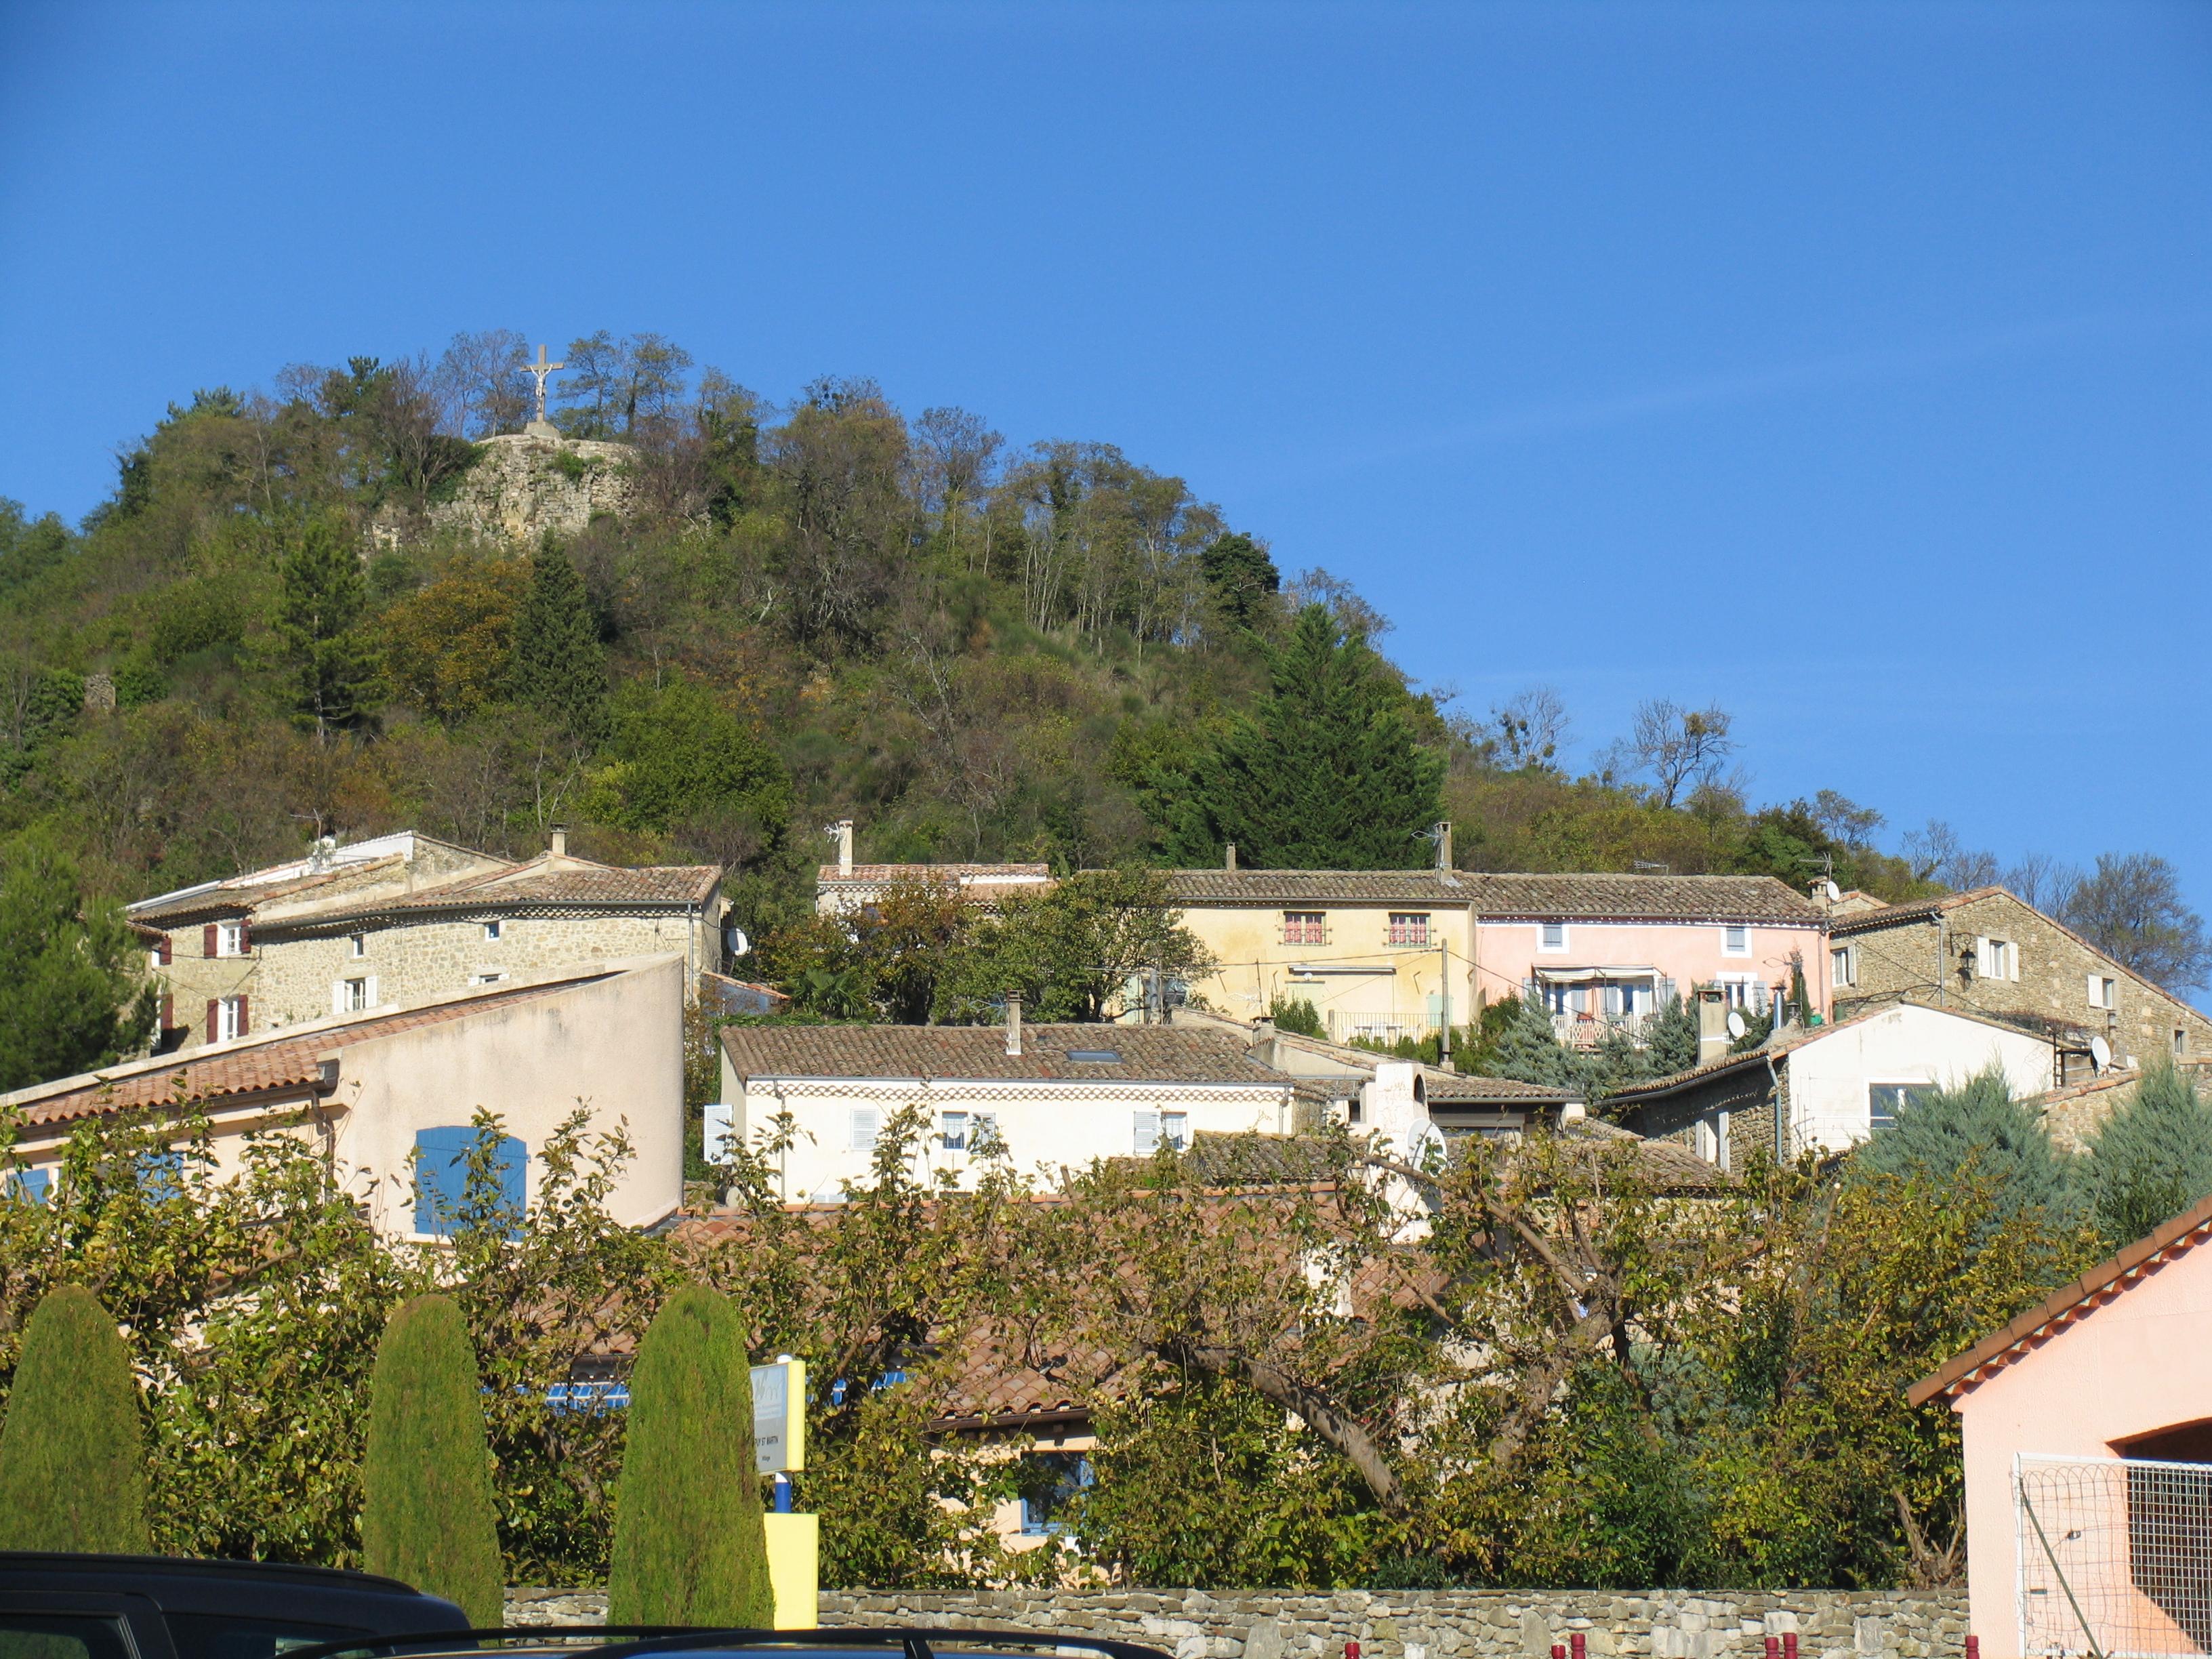 Vieux Village+ Chastelas-0805.jpg